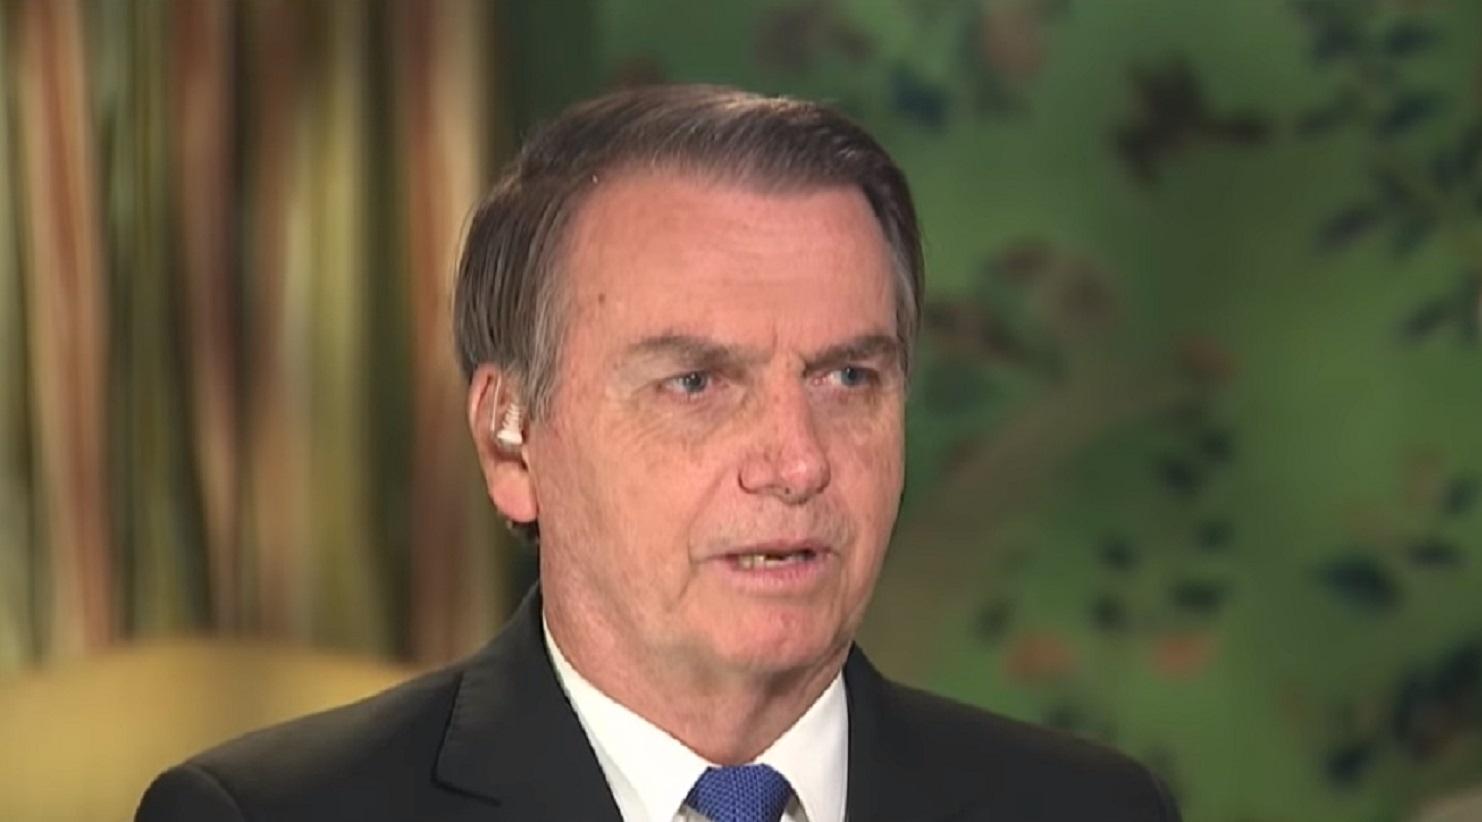 Jair Bolsonaro nega relação com milícias, diz que admira Trump e explica vídeo polêmico